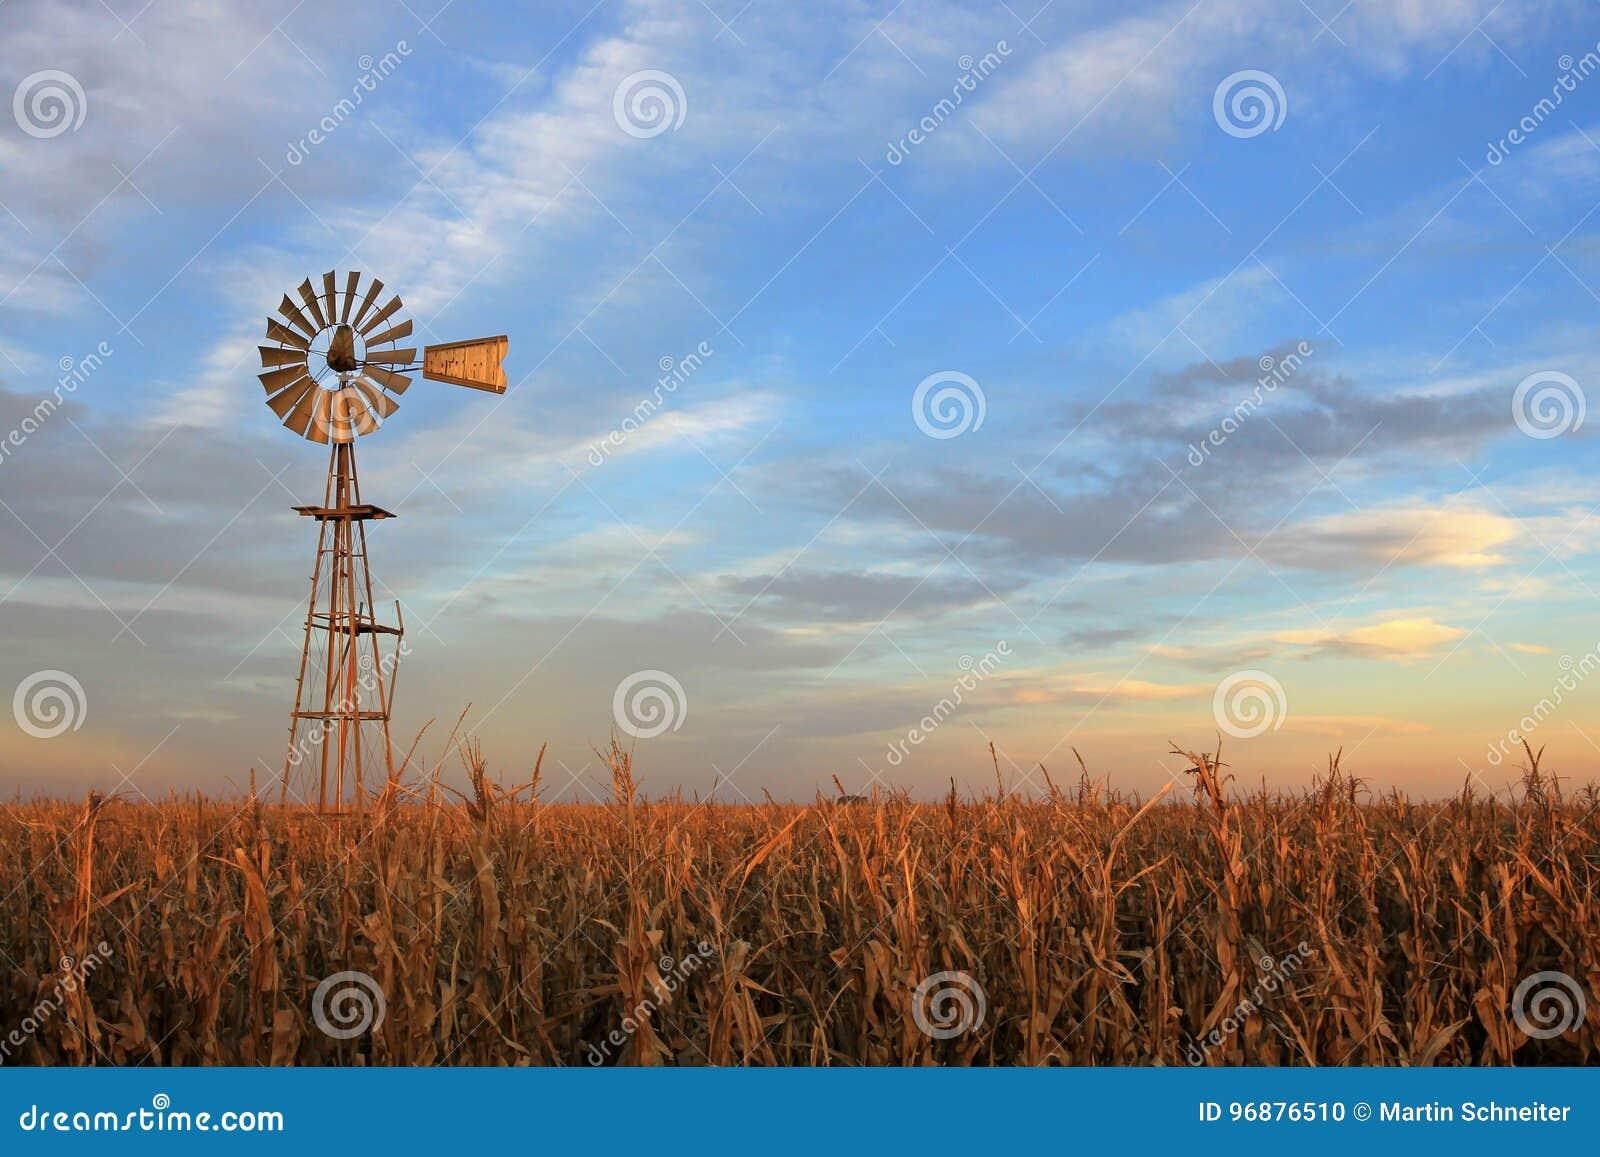 De stijl westernmill windmolen van Texas bij zonsondergang, Argentinië